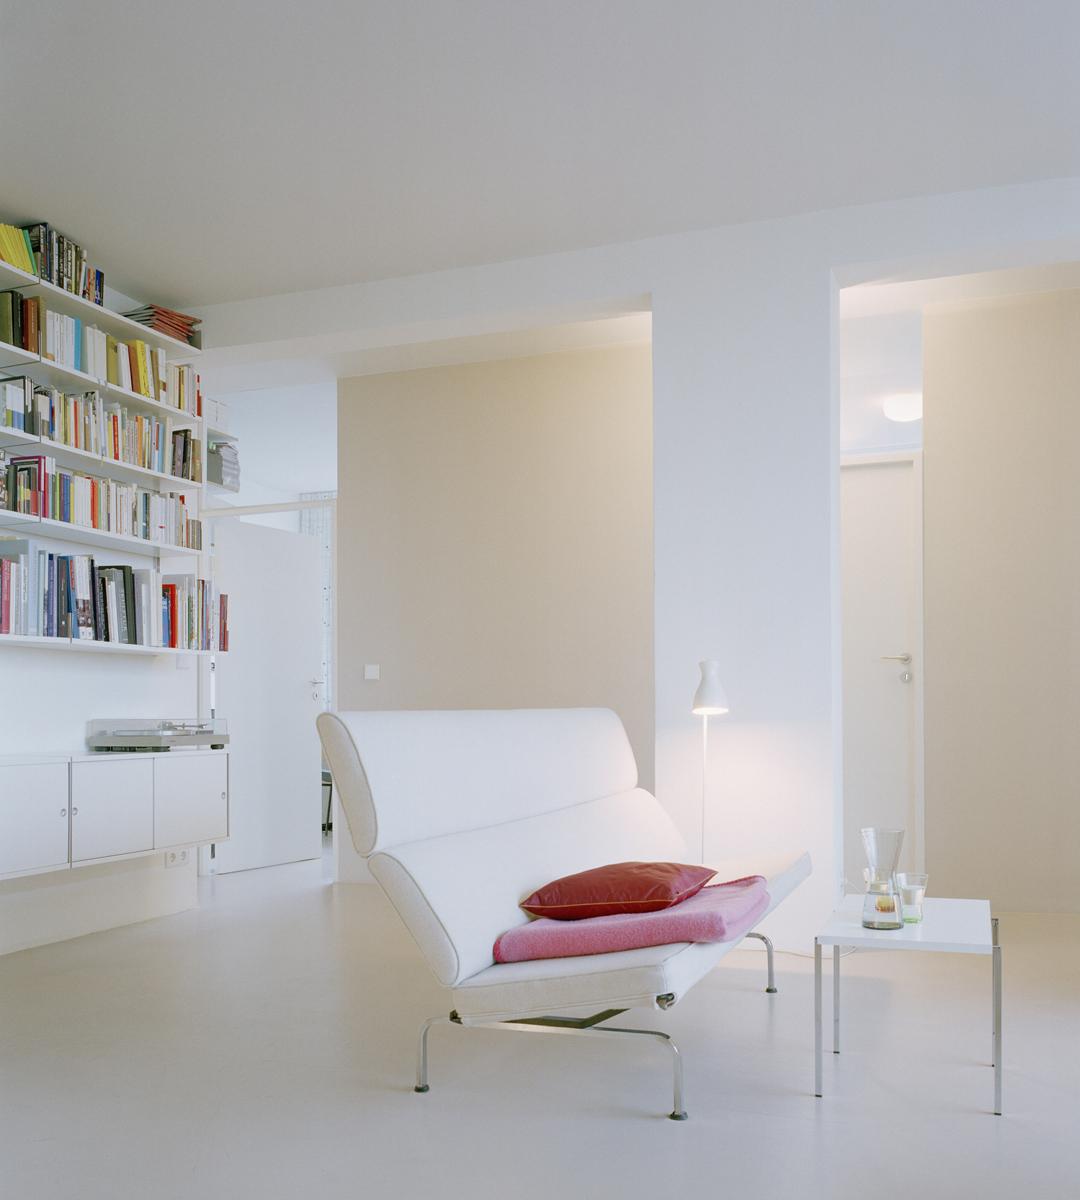 Farbakzente wie das Rosa der Überwurfdecke und das Rot der Kissen kommen im hellen weißen Wohnzimmer intensiv zum Ausdruck.